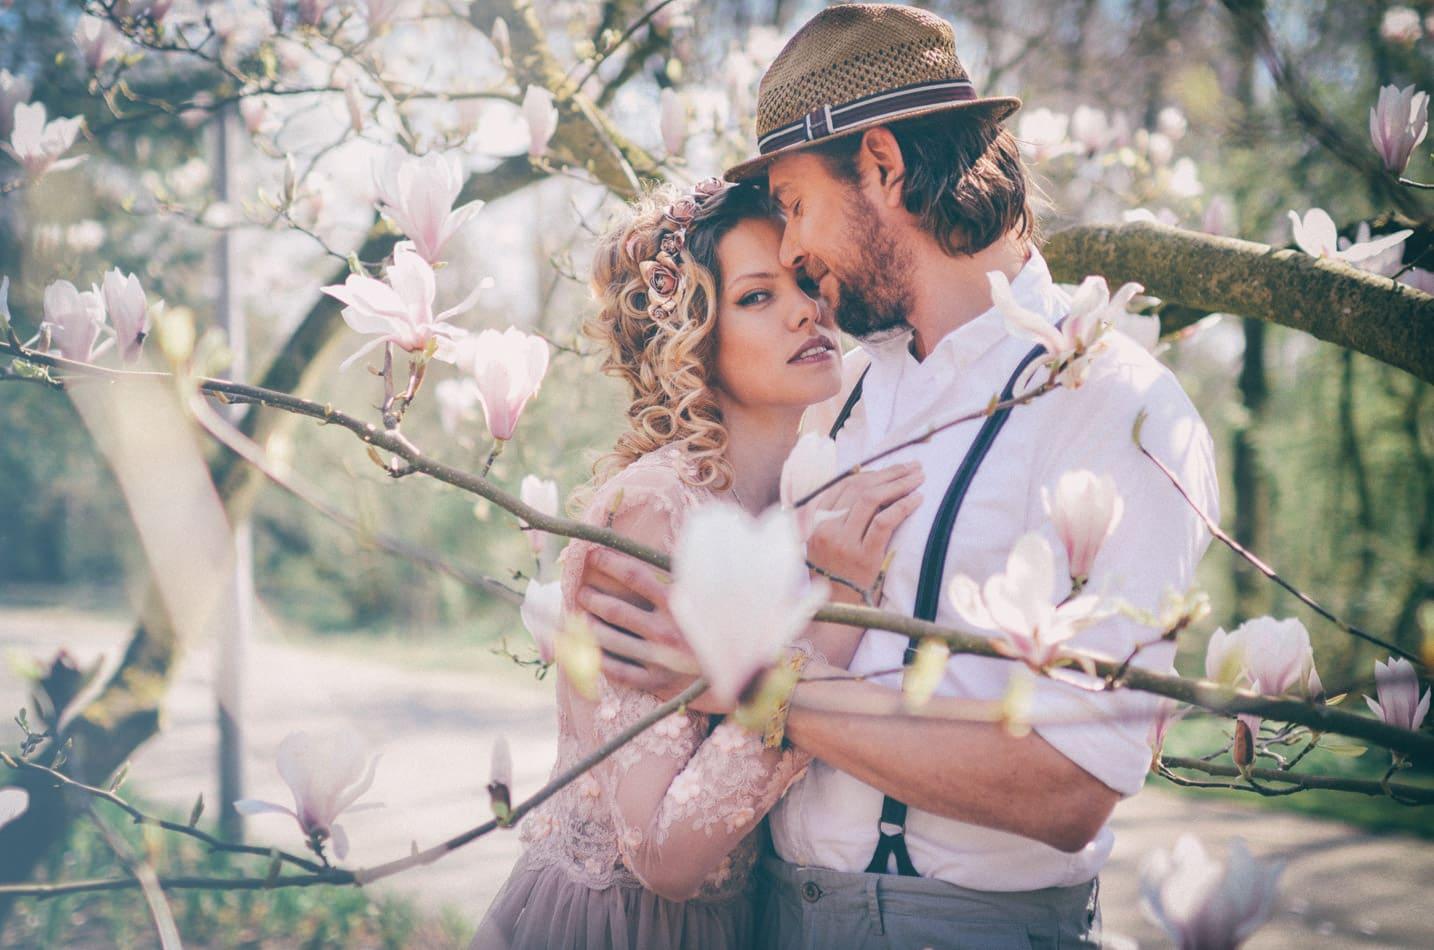 Romantische Boho Hochzeitsfotoshooting in Lübeck